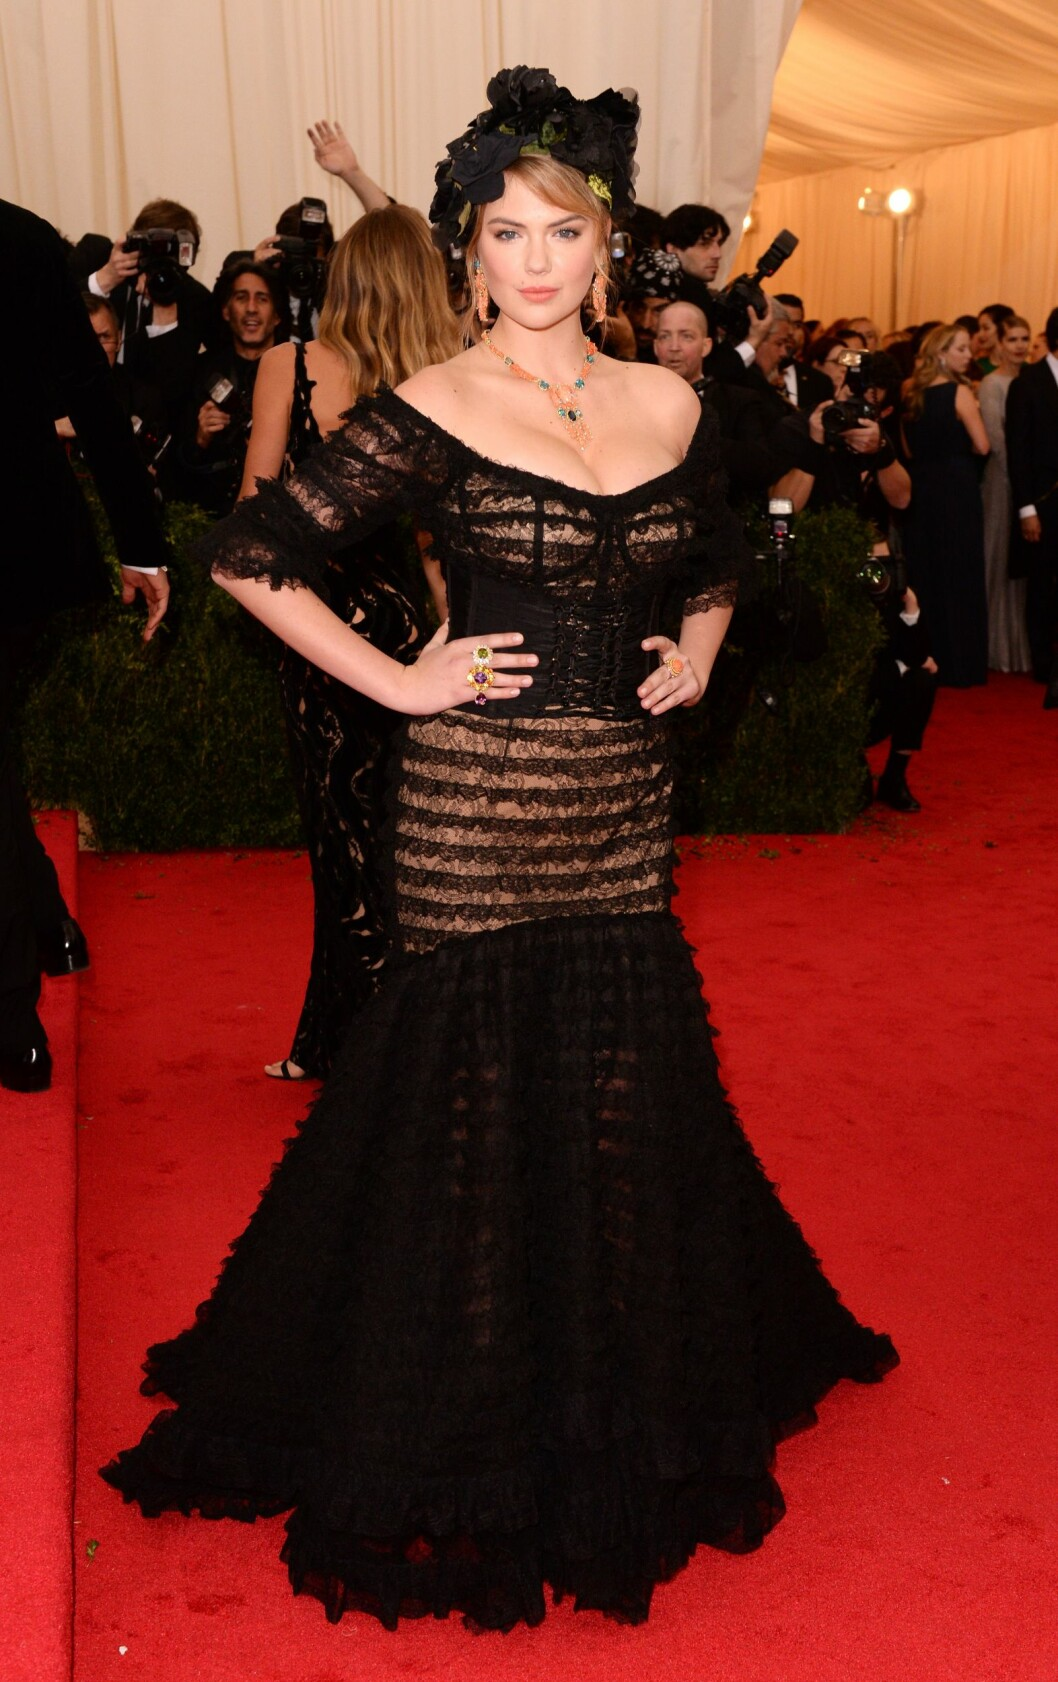 PÅ MOTEGALLA: Kate Upton i kreasjon fra Dolce & Gabbana. Foto: All Over Press